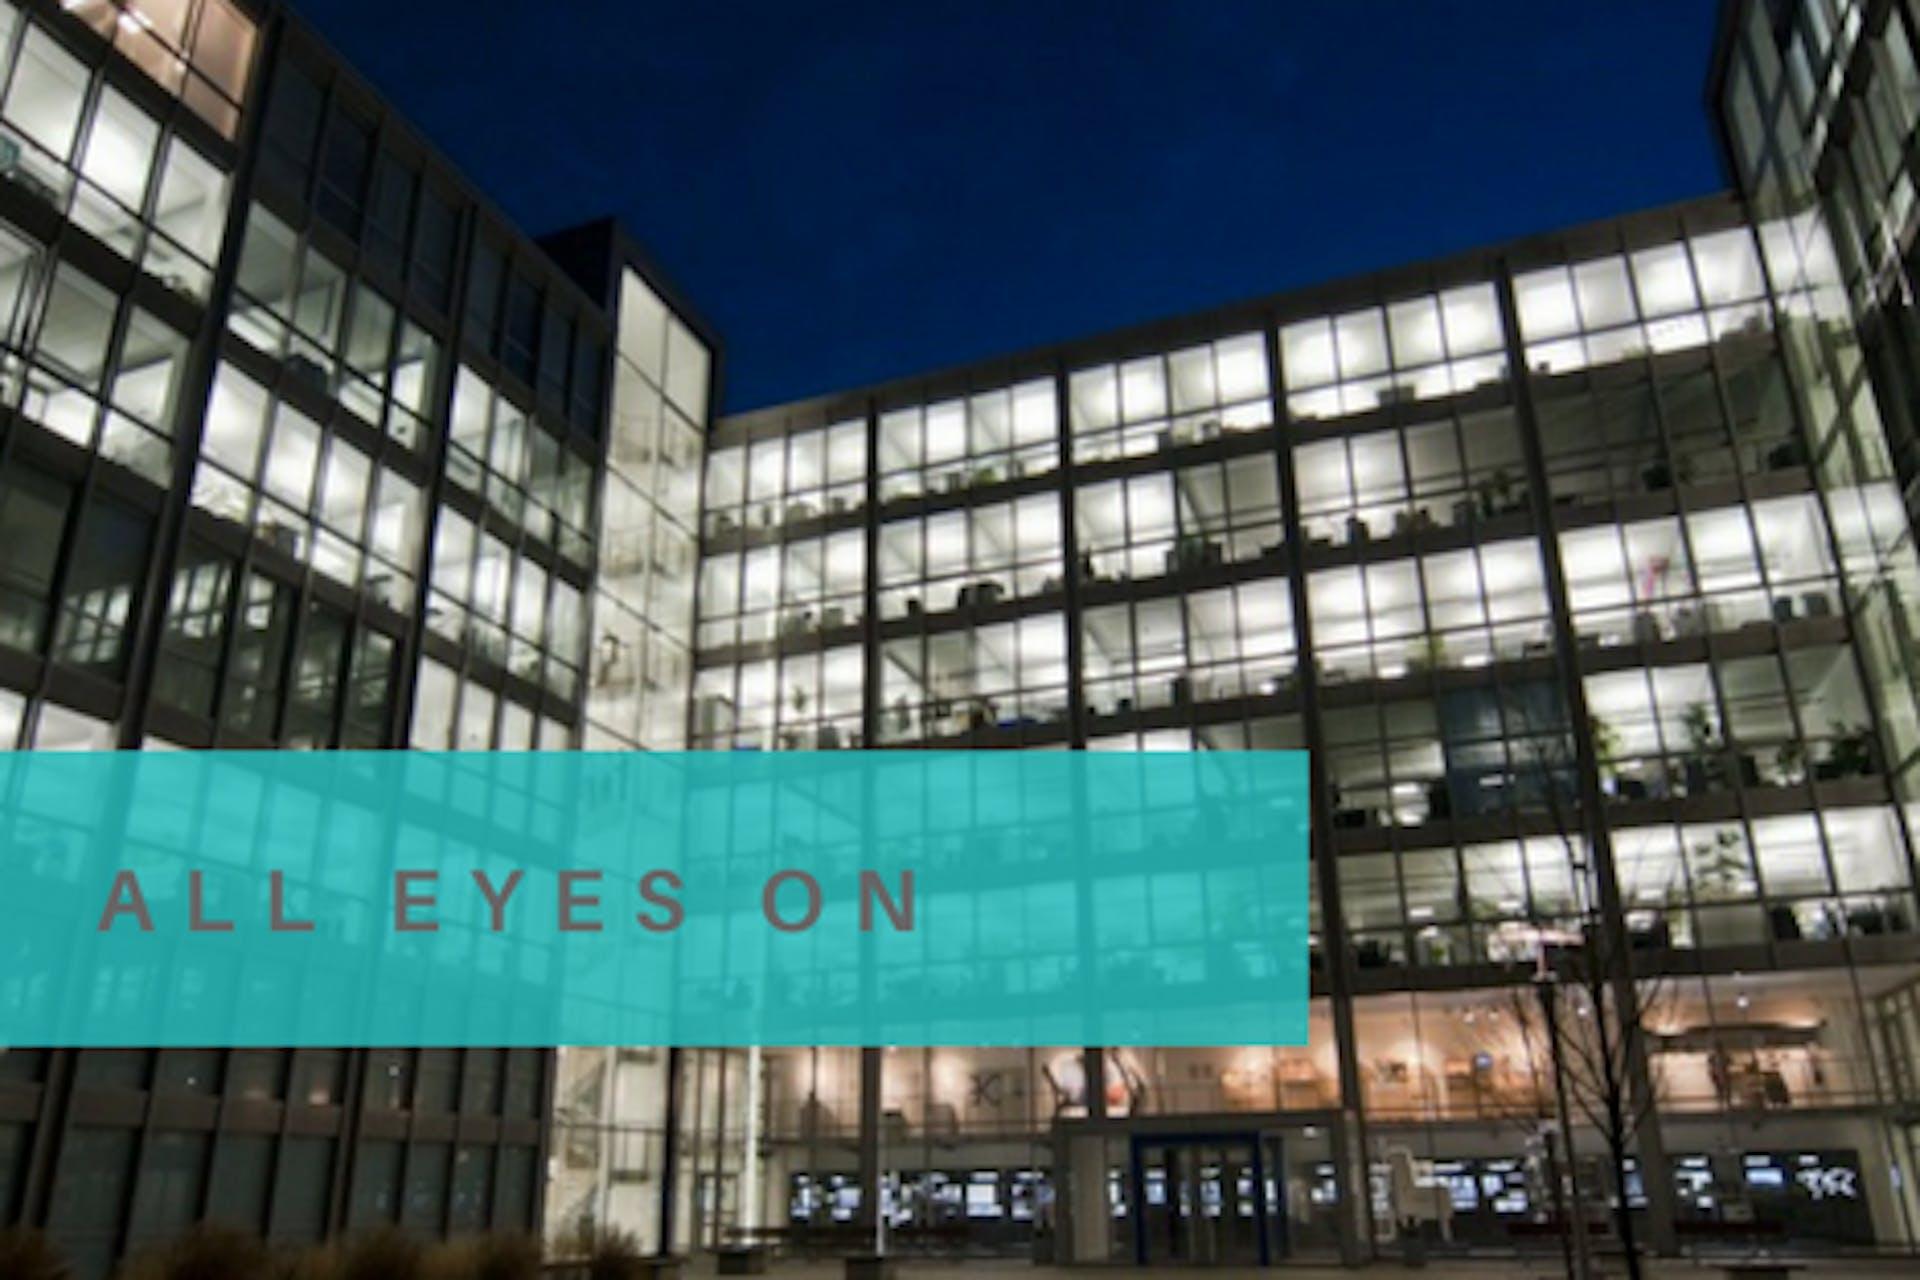 Krones AG Büro Foto Aufschrift All Eyes On